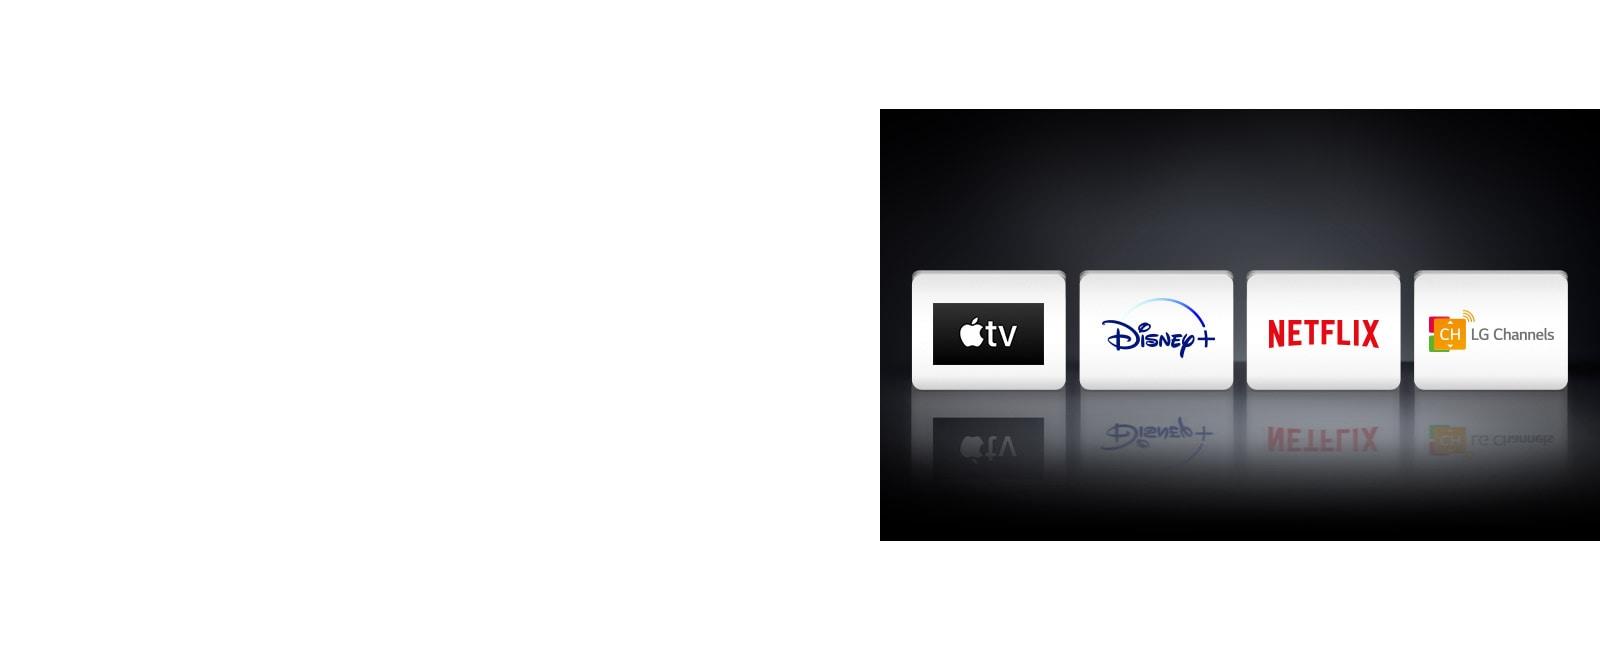 Quatre logos d'applications affichés de gauche à droite: Apple TV, Disney +, Netflix et LG Channels.